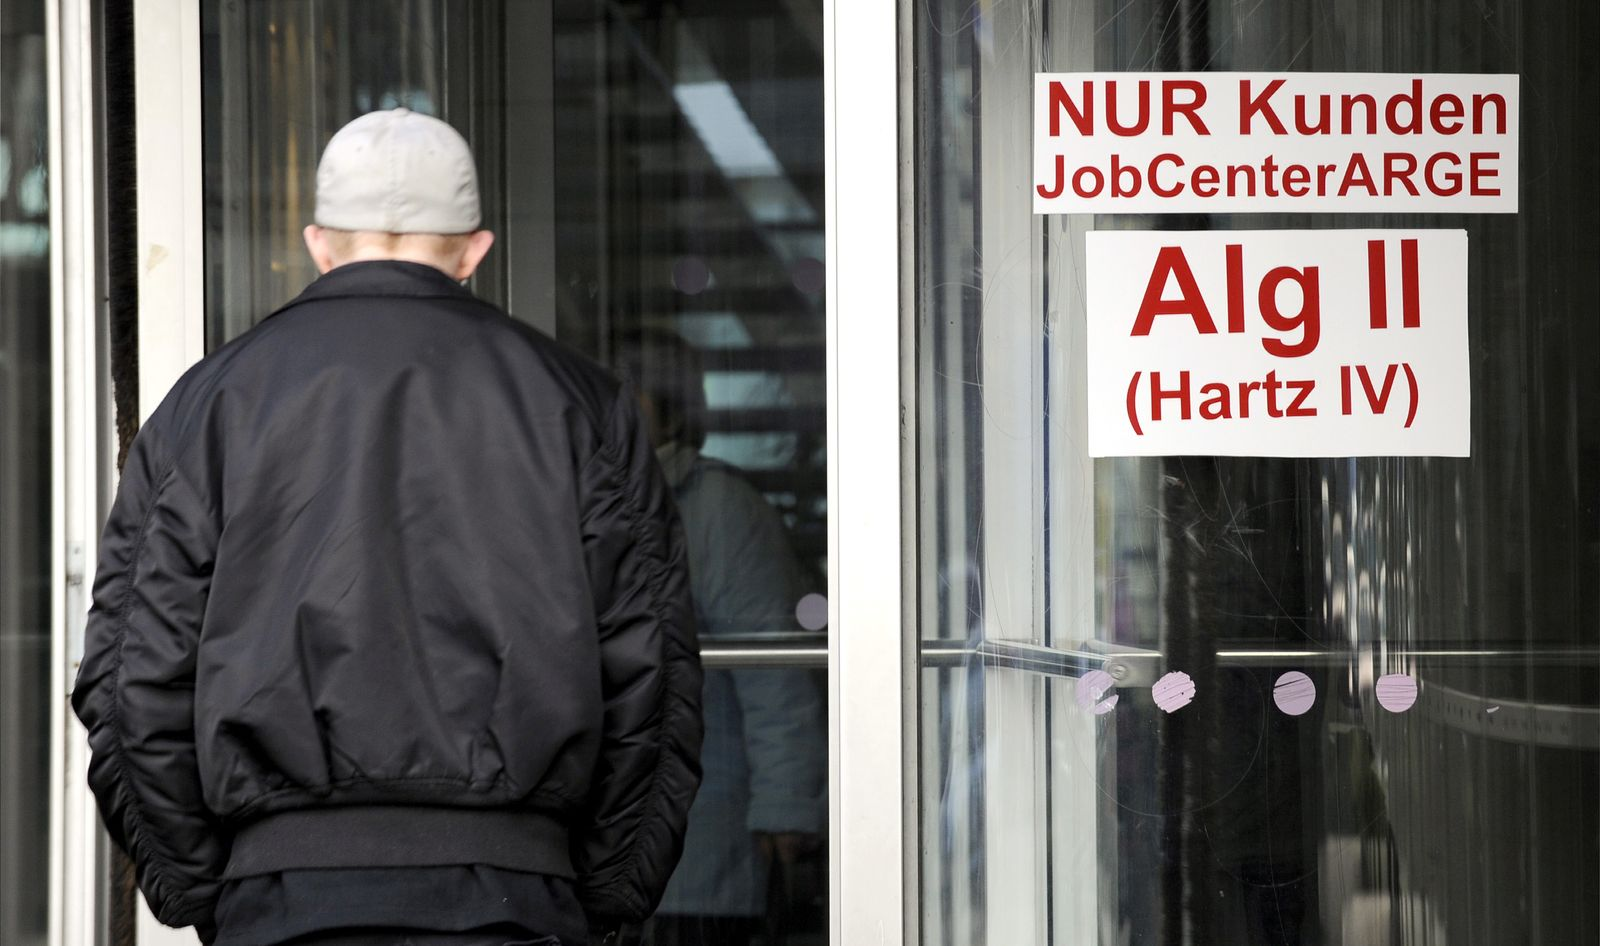 NICHT VERWENDEN Agentur fuer Arbeit/ Alg II/ Haertz IV